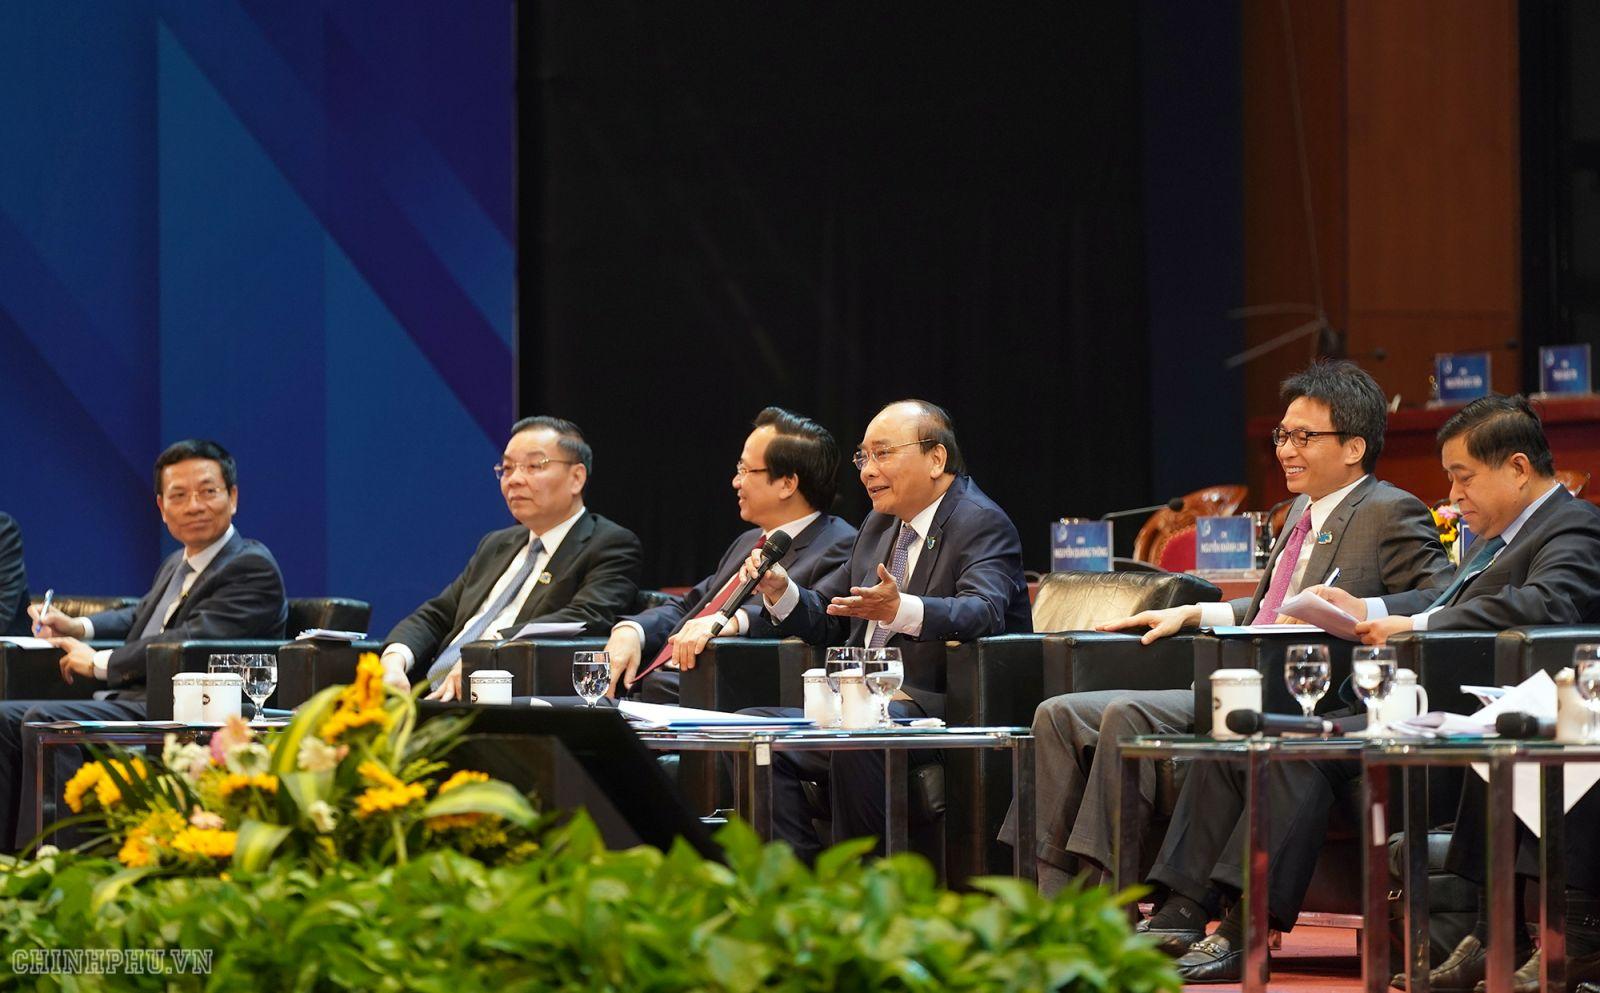 Thủ tướng Nguyễn Xuân Phúc và lãnh đạo Chính phủ, các bộ ngành đối thoại với thanh niên. Ảnh: VGP/Quang Hiếu